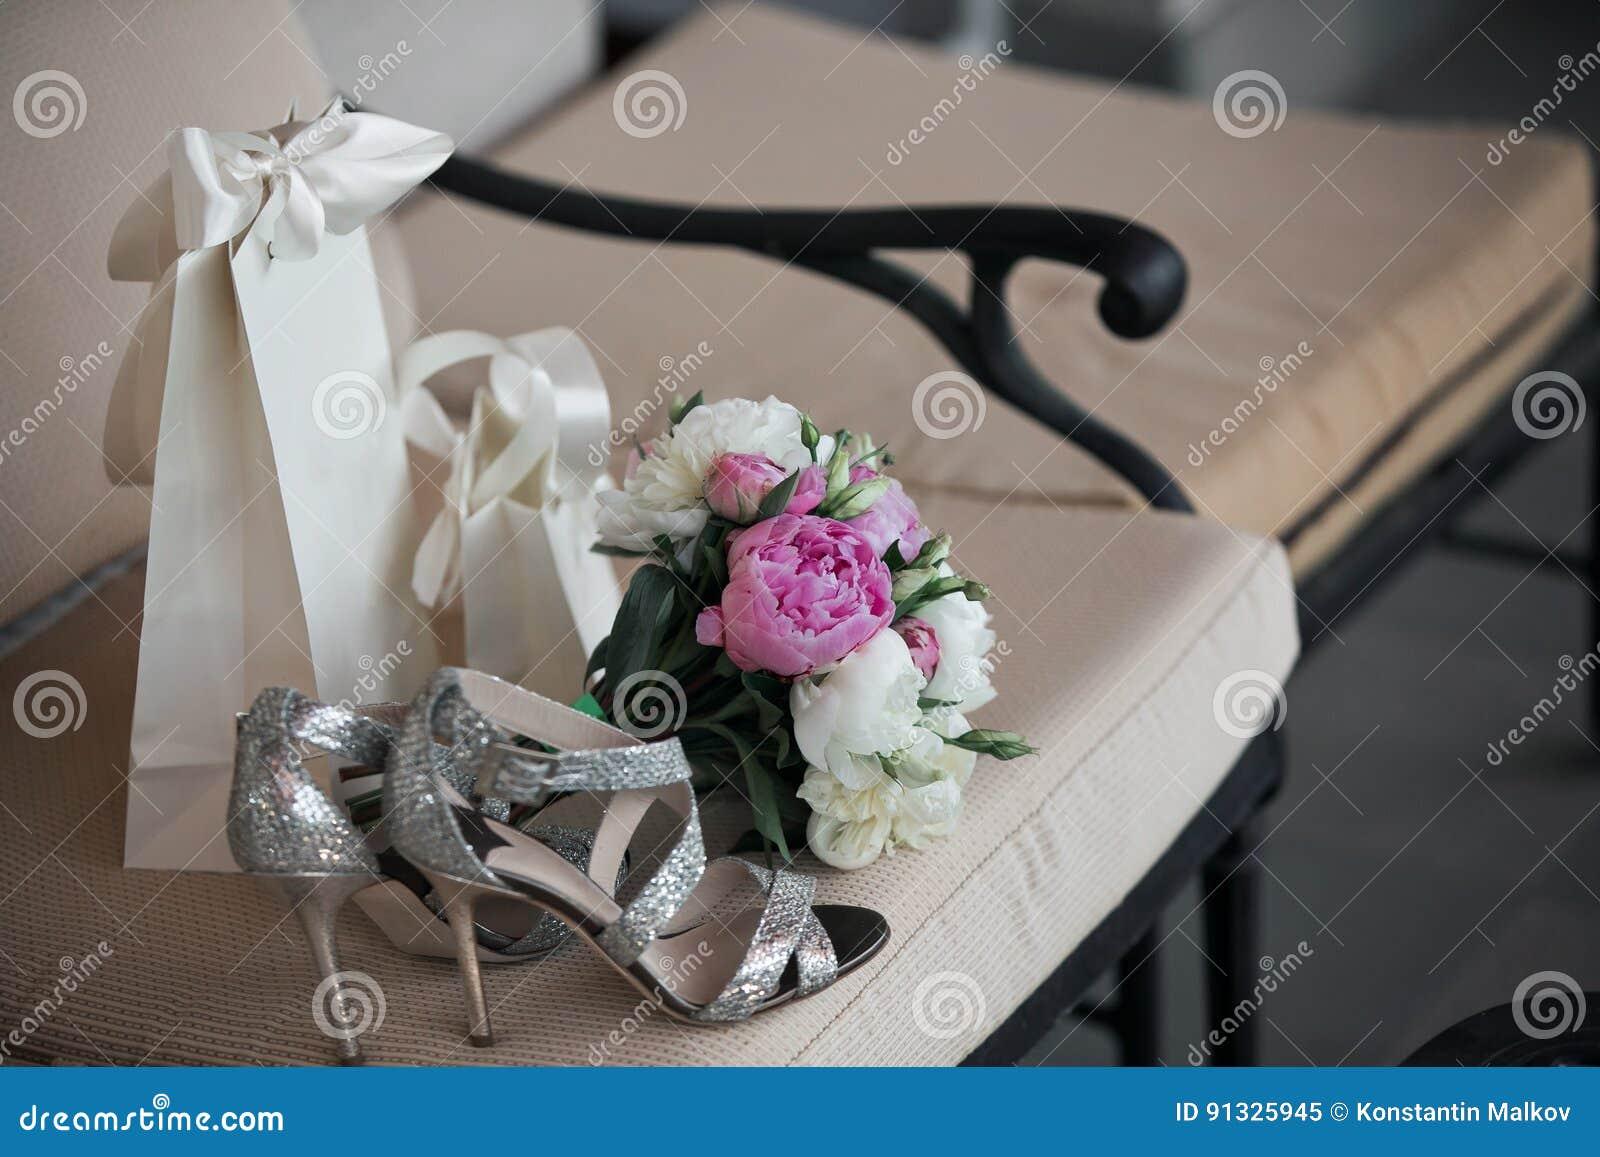 Hochzeit Blumenstrauss Von Rosa Weissen Blumen Und Von Grun Ist In